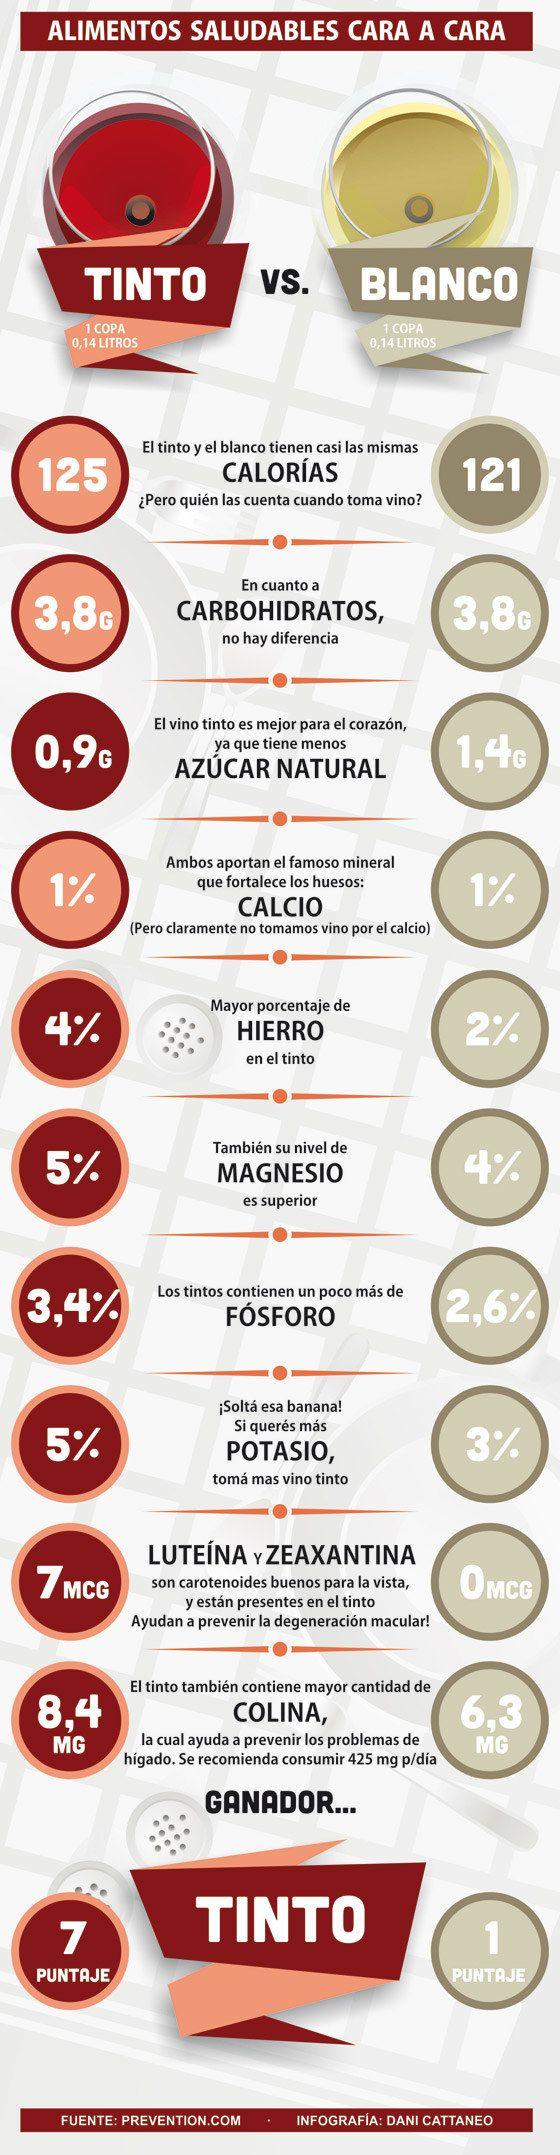 El vino tinto tiene menos azúcar y más hierro:   21 Trucos para cuando estás tratando de comer más saludable